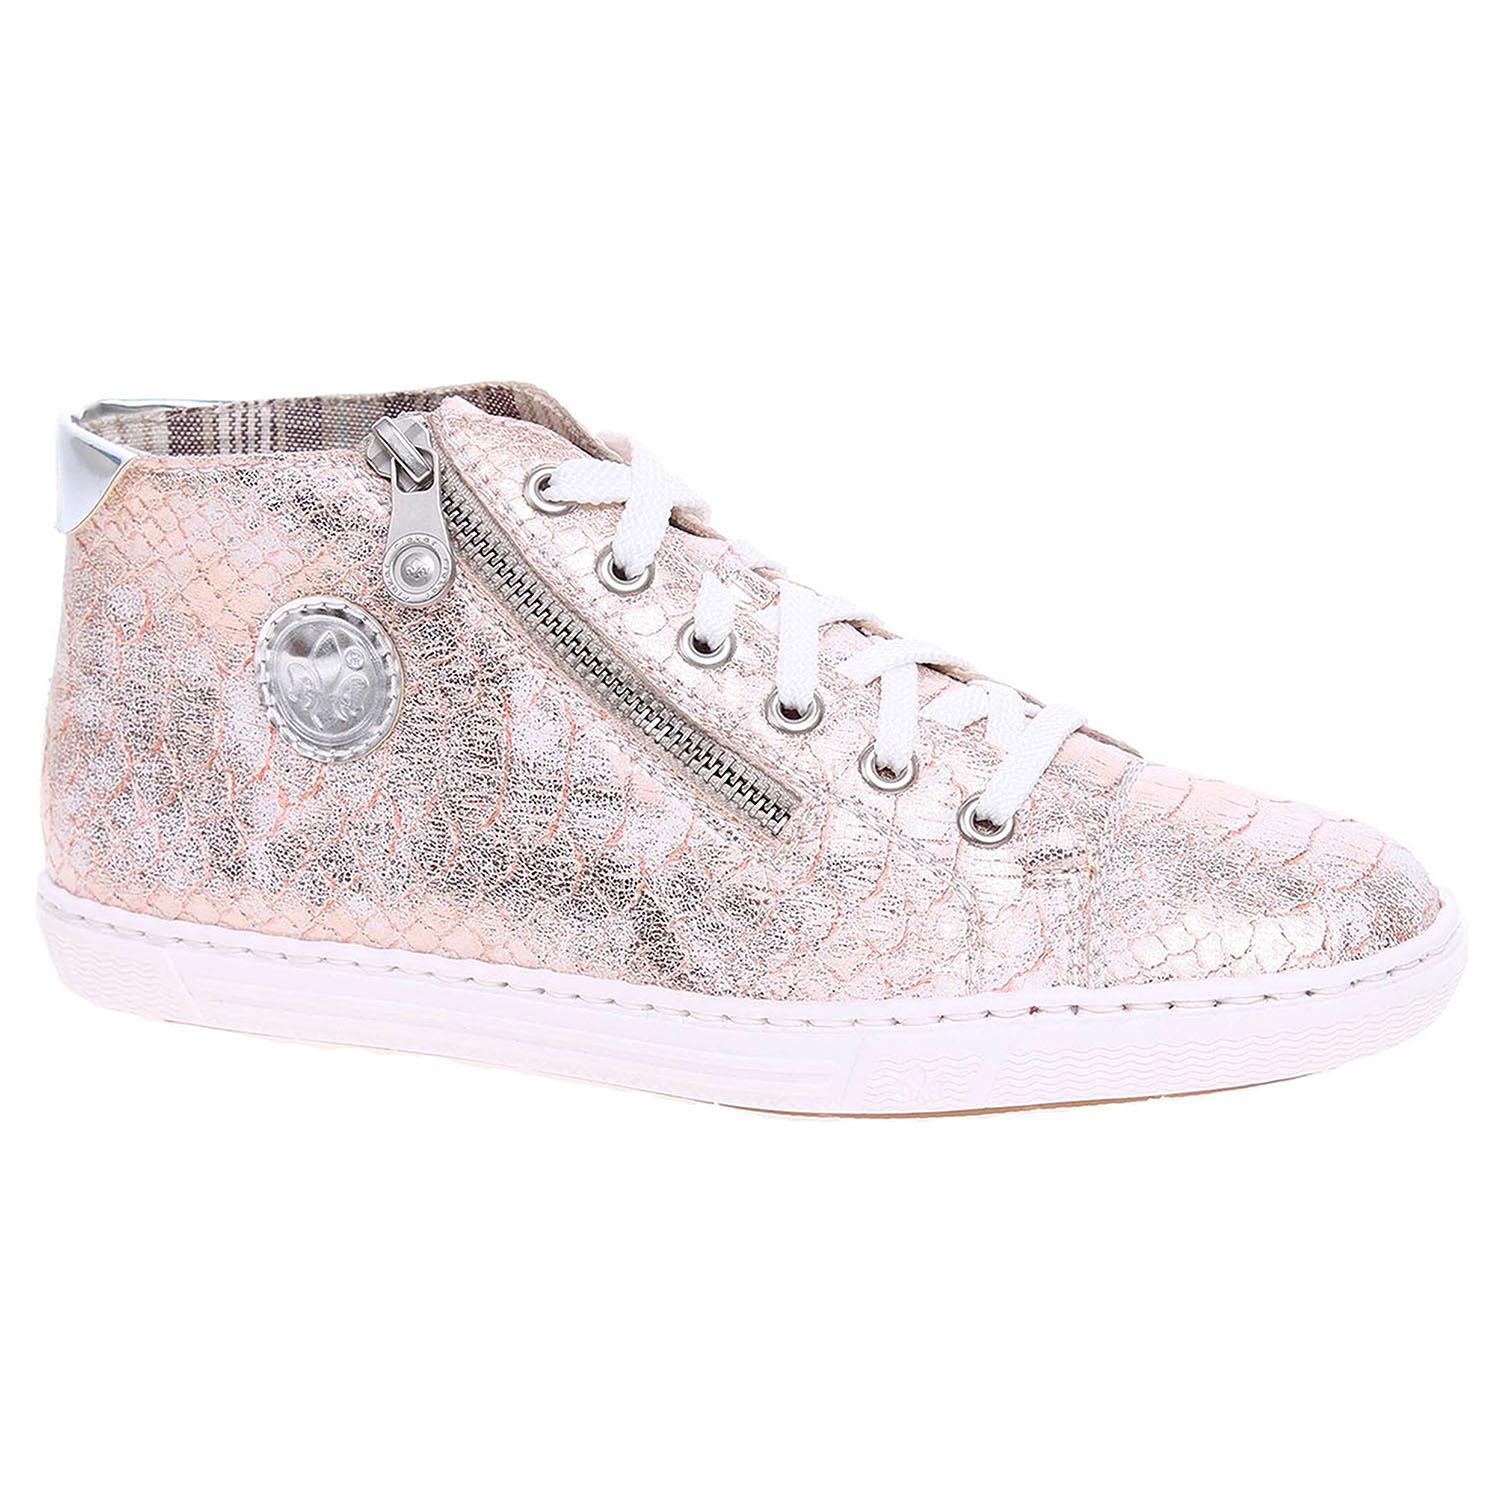 Dámská kotníková obuv Rieker L0934-31 růžové 39